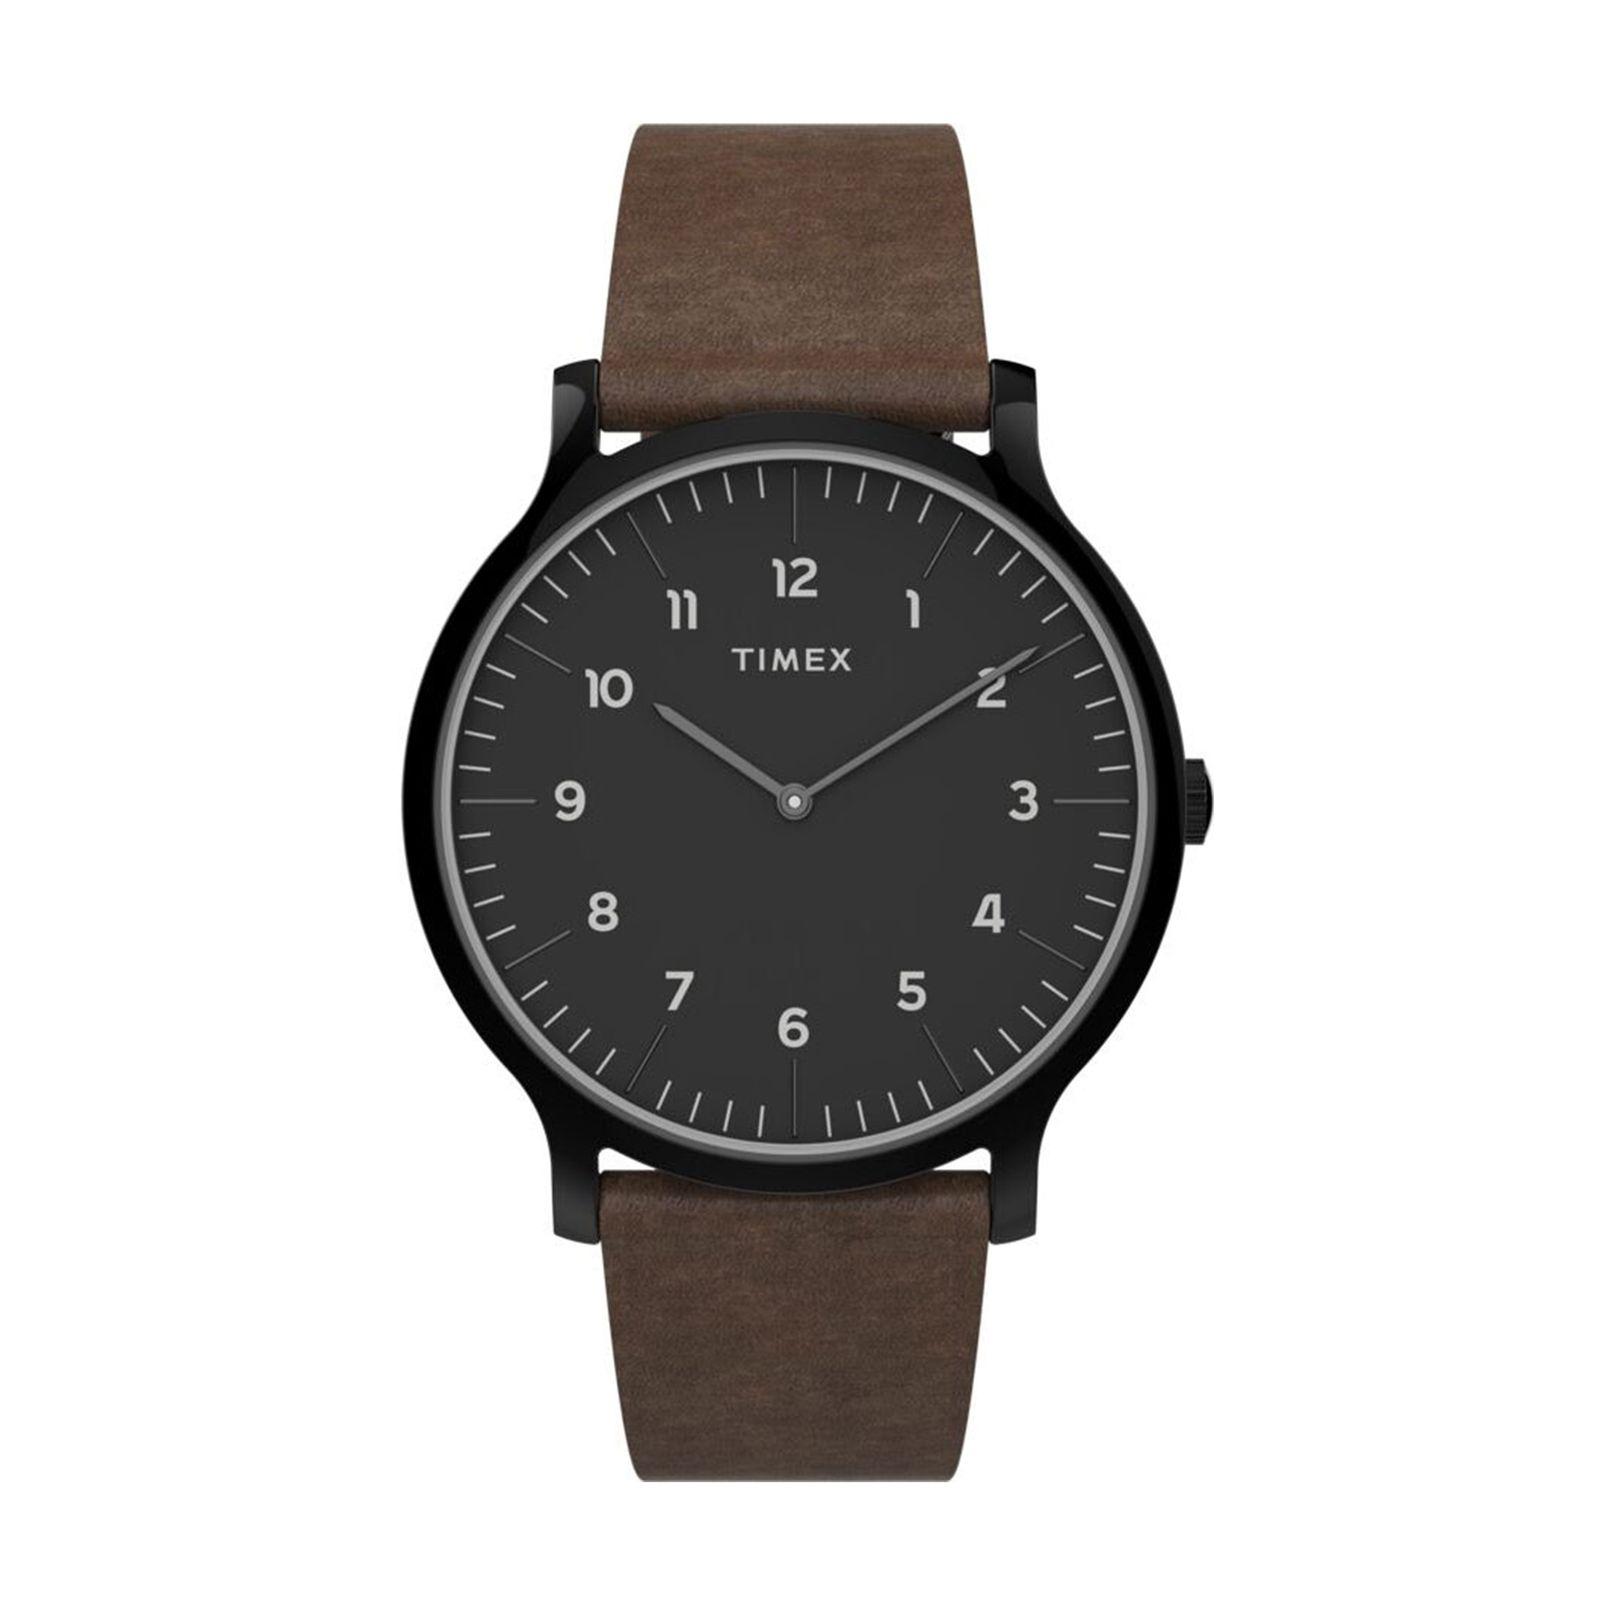 ساعت مچی عقربه ای مردانه تایمکس مدل TW2T66400 -  - 1